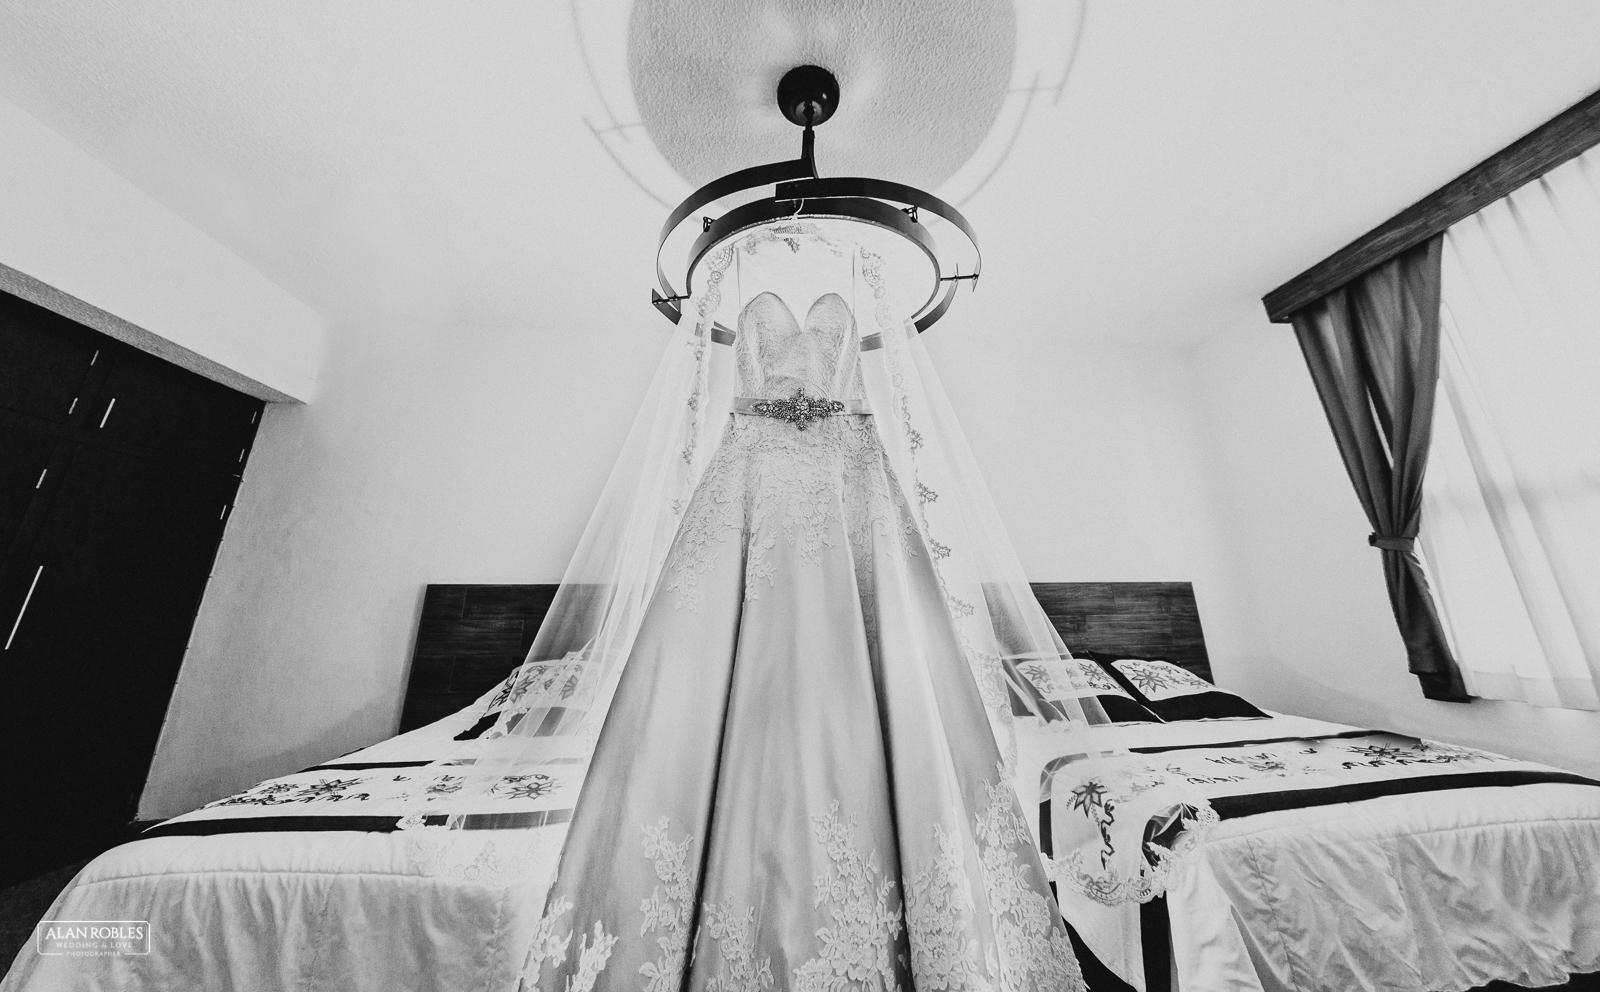 Fotografo de Bodas en Guadalara Alan Robles - Boda en Tlaquepaque Centro historico - Vestido de Novia - Bride Dress